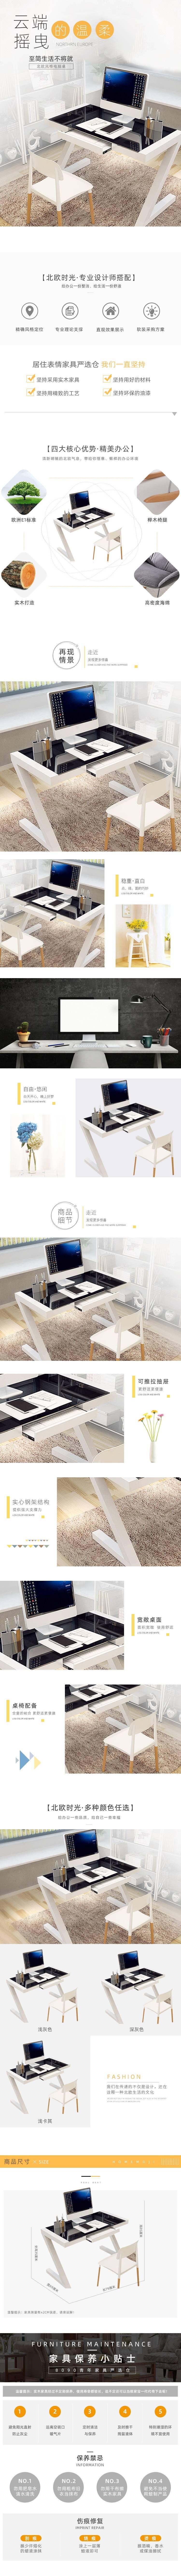 时尚极简北欧风电脑桌书桌办公家具详情页